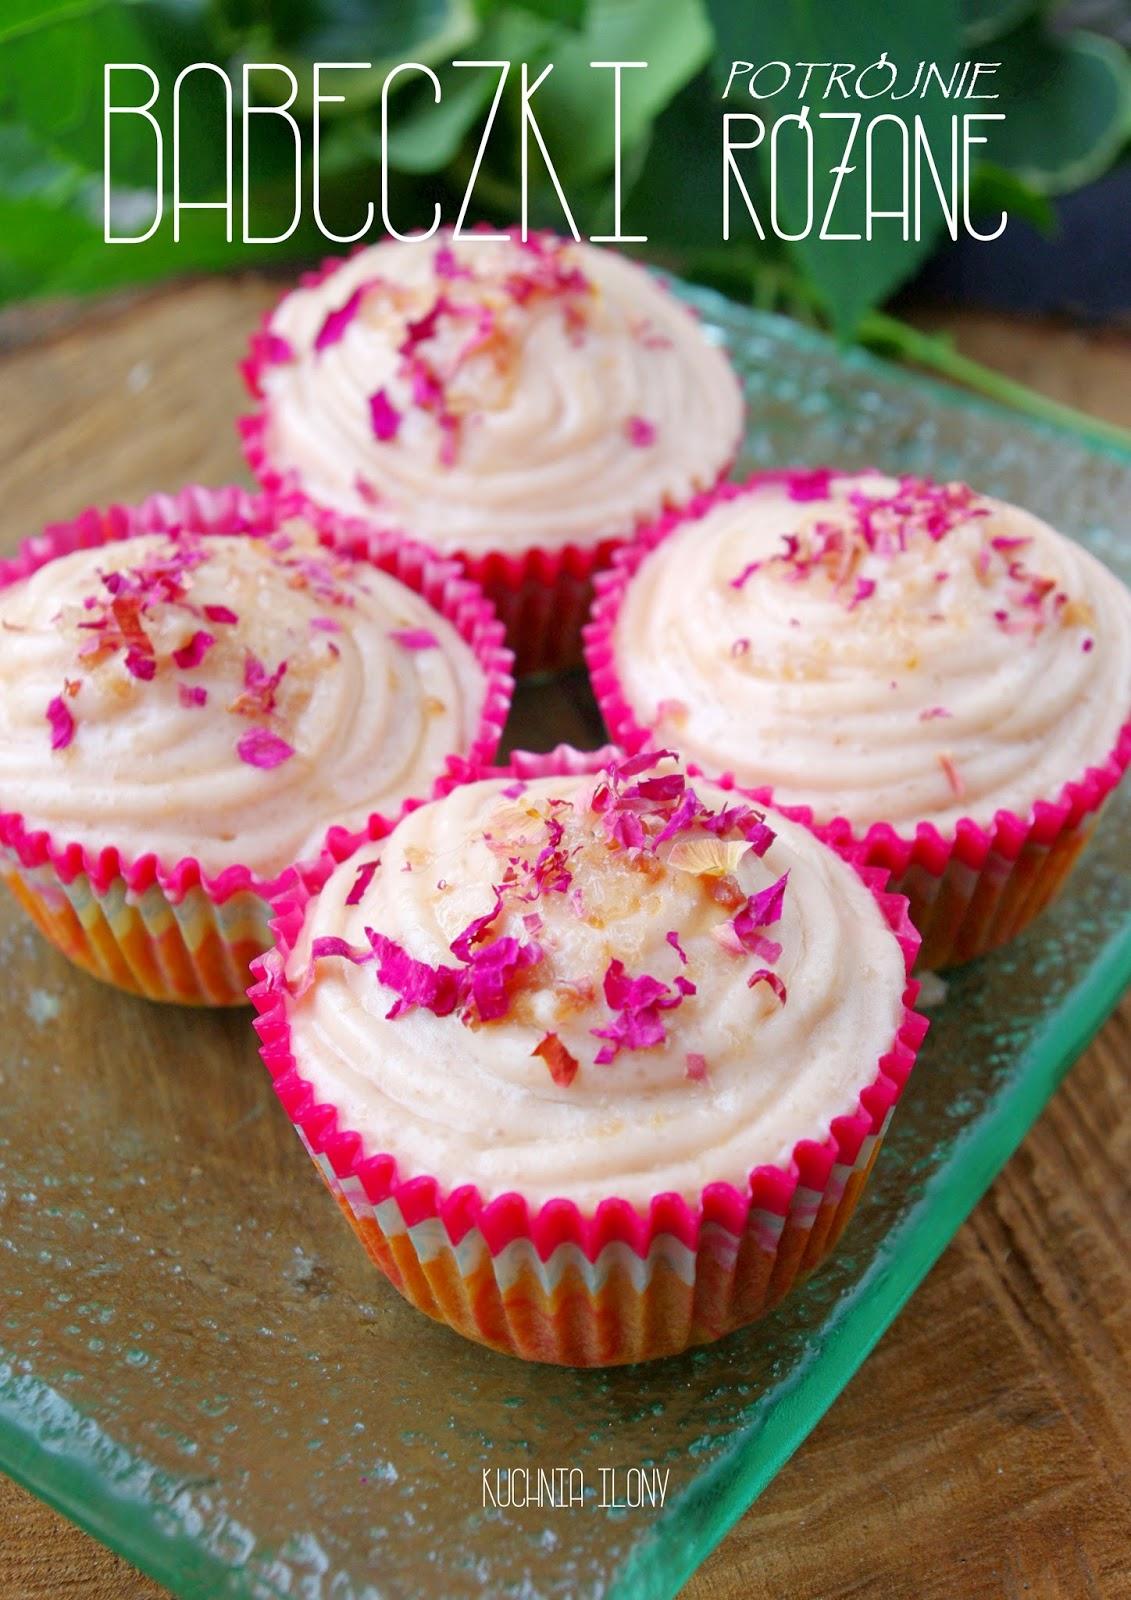 dzika róża, różane muffinki, różane babeczki, potrójnie różane babeczki, różane cupcake,